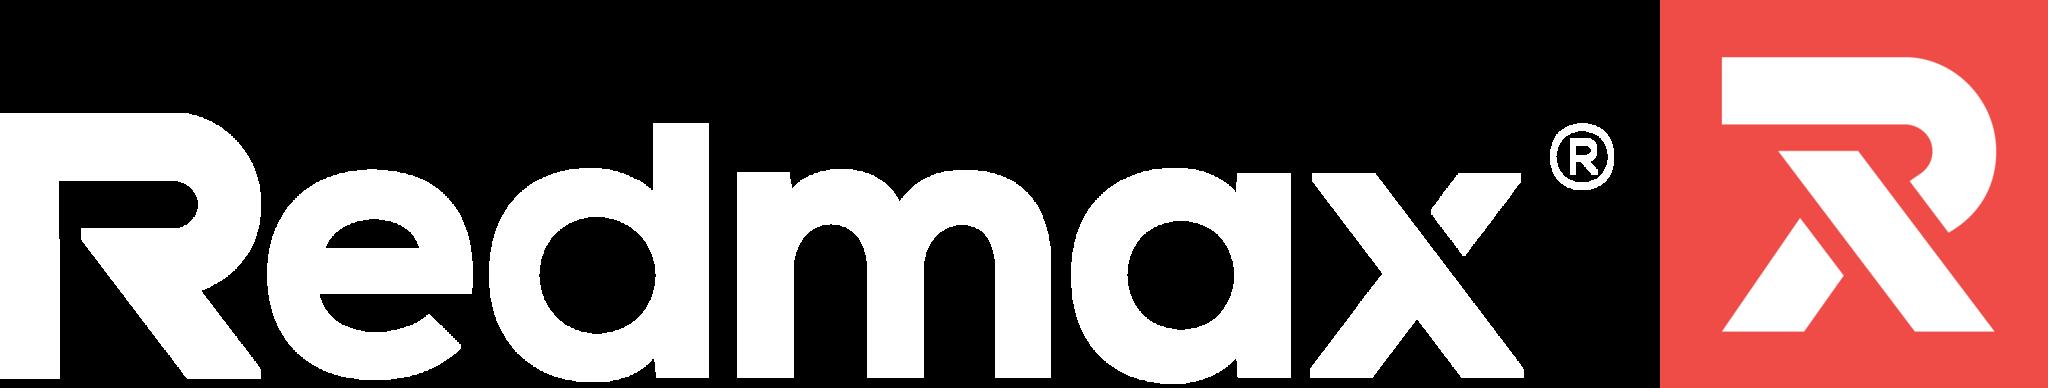 Redmax Sportswear logo